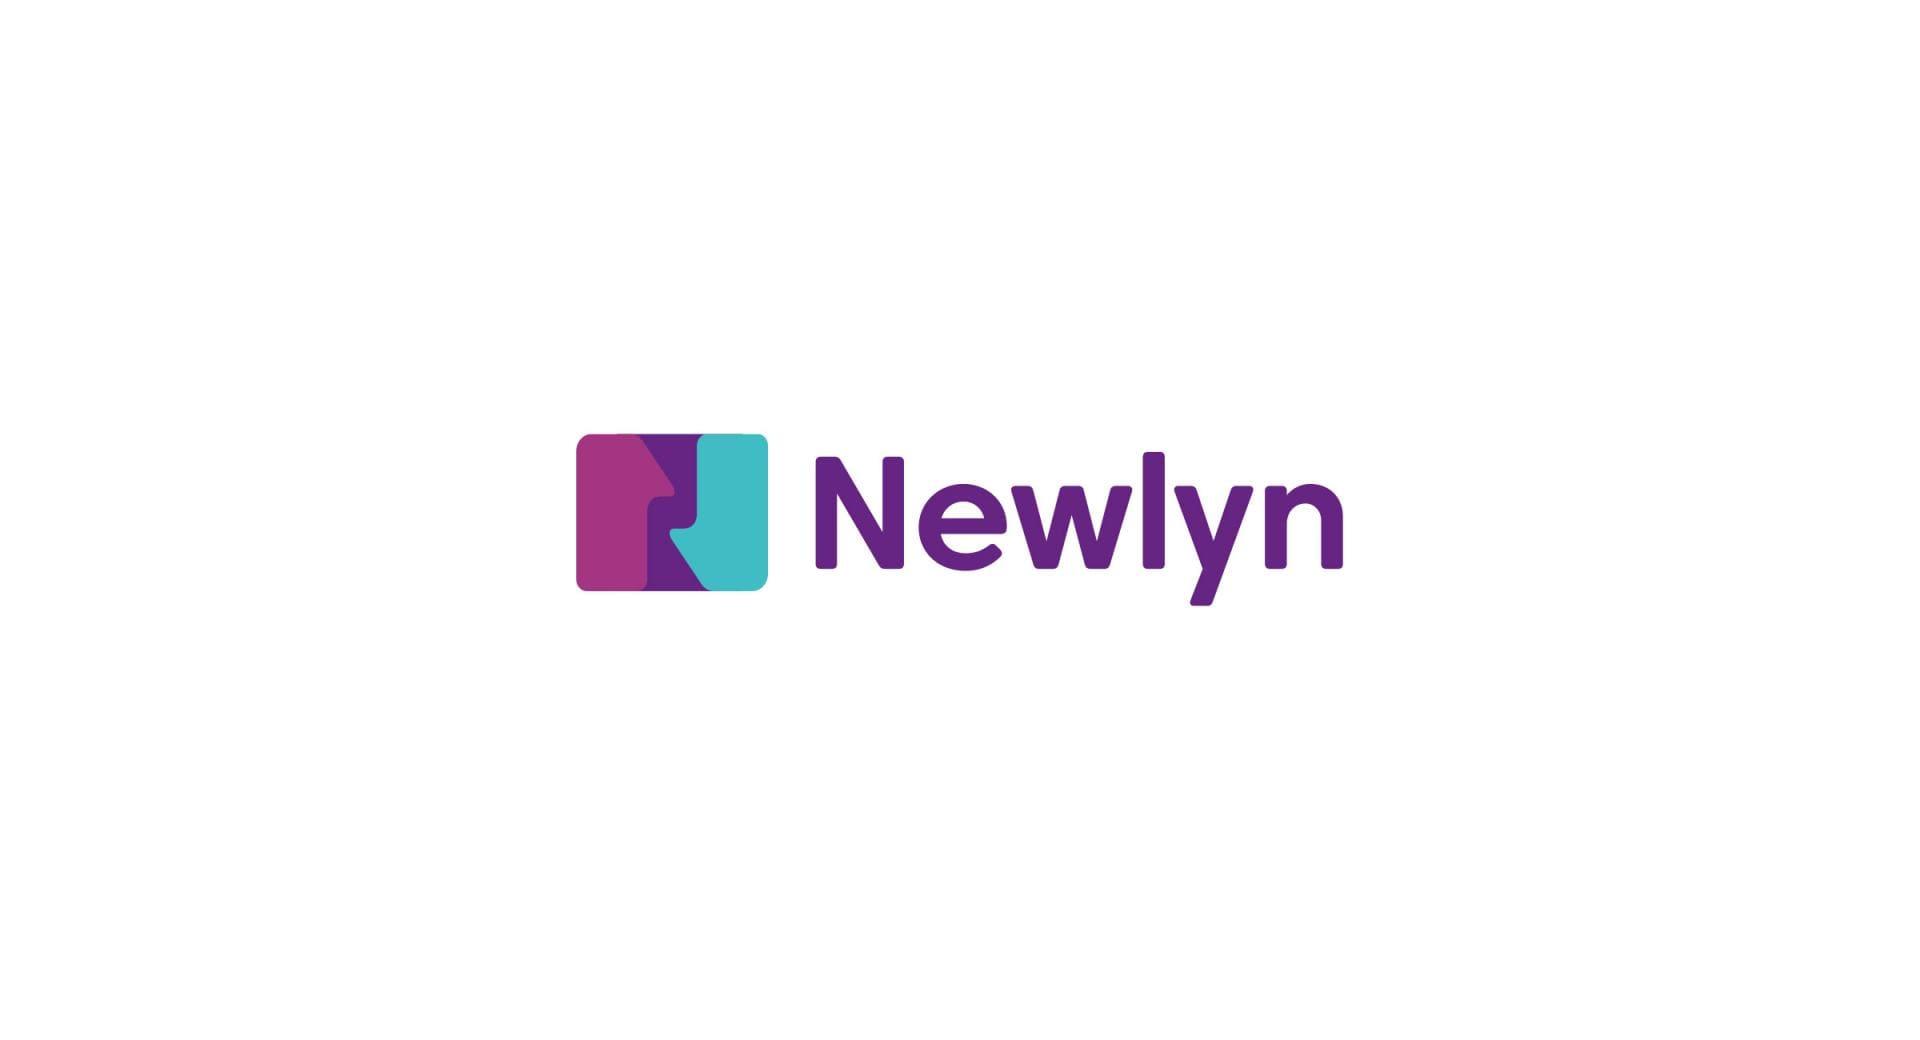 Newlyn logo